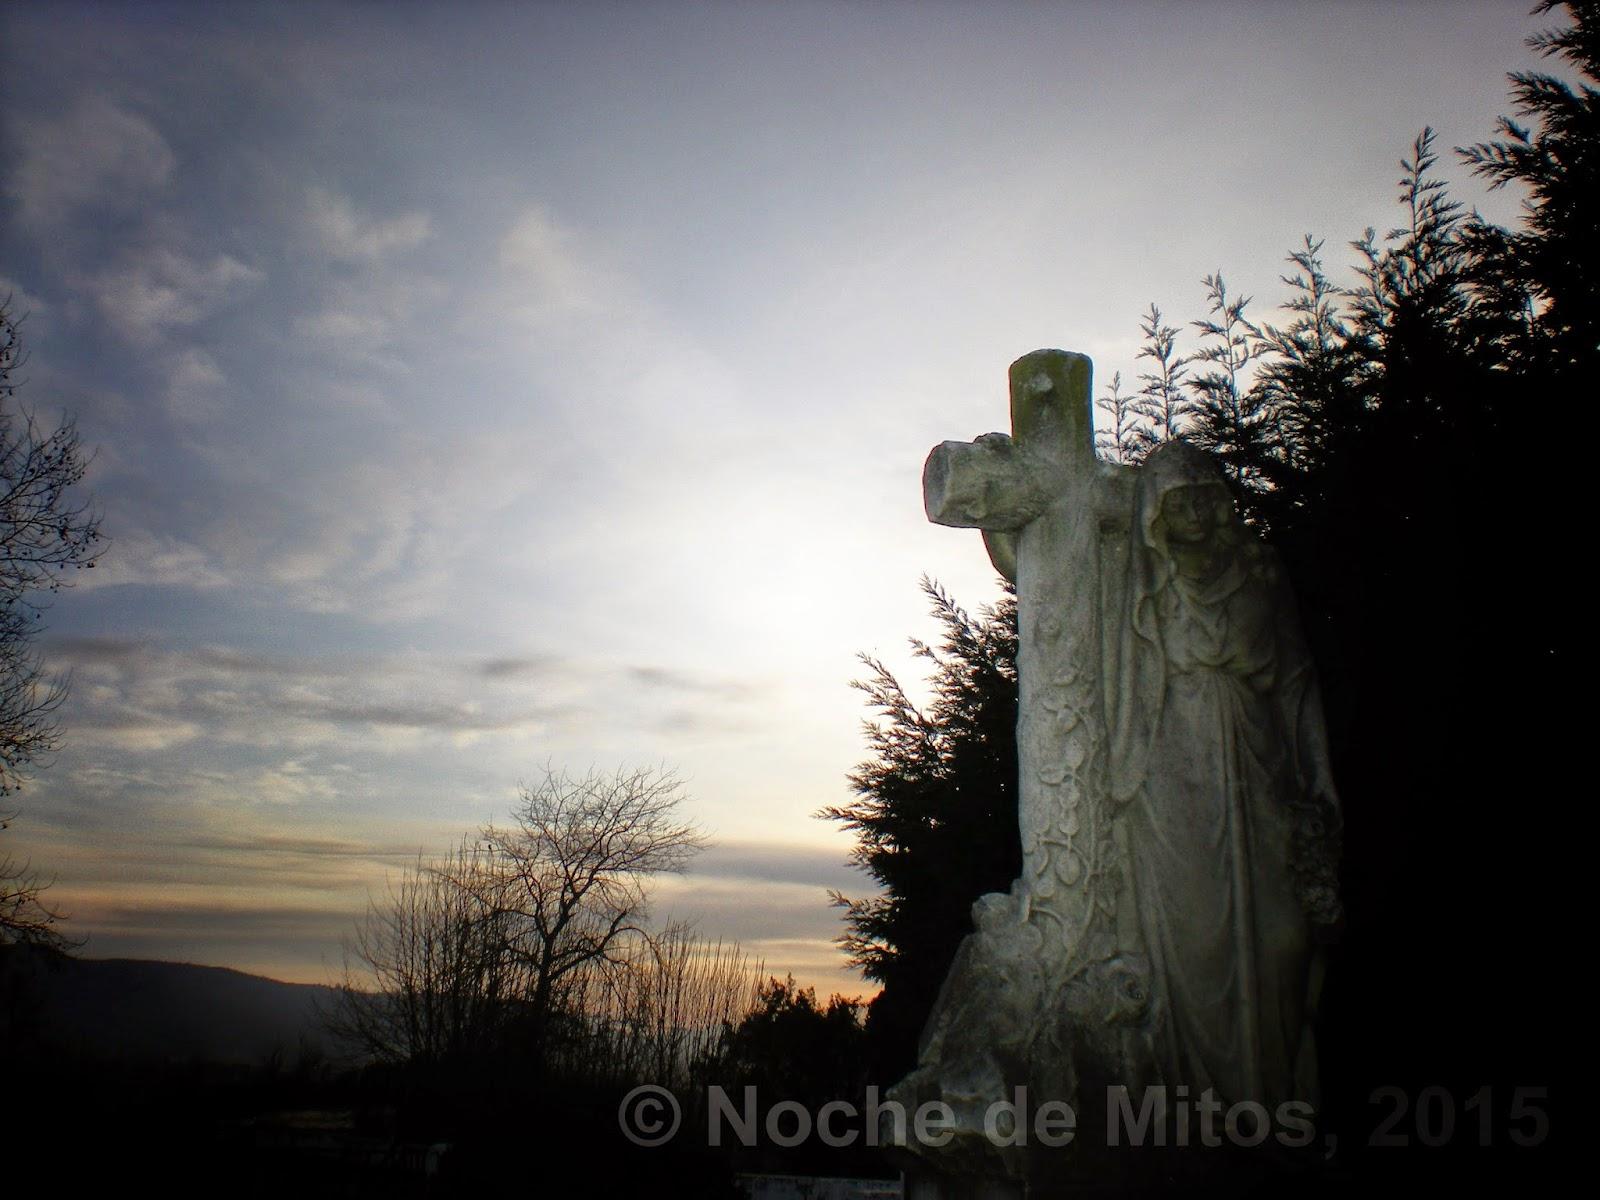 http://nochedemitos.blogspot.com.es/2015/02/album-podcast-15-cementerios-vida.html